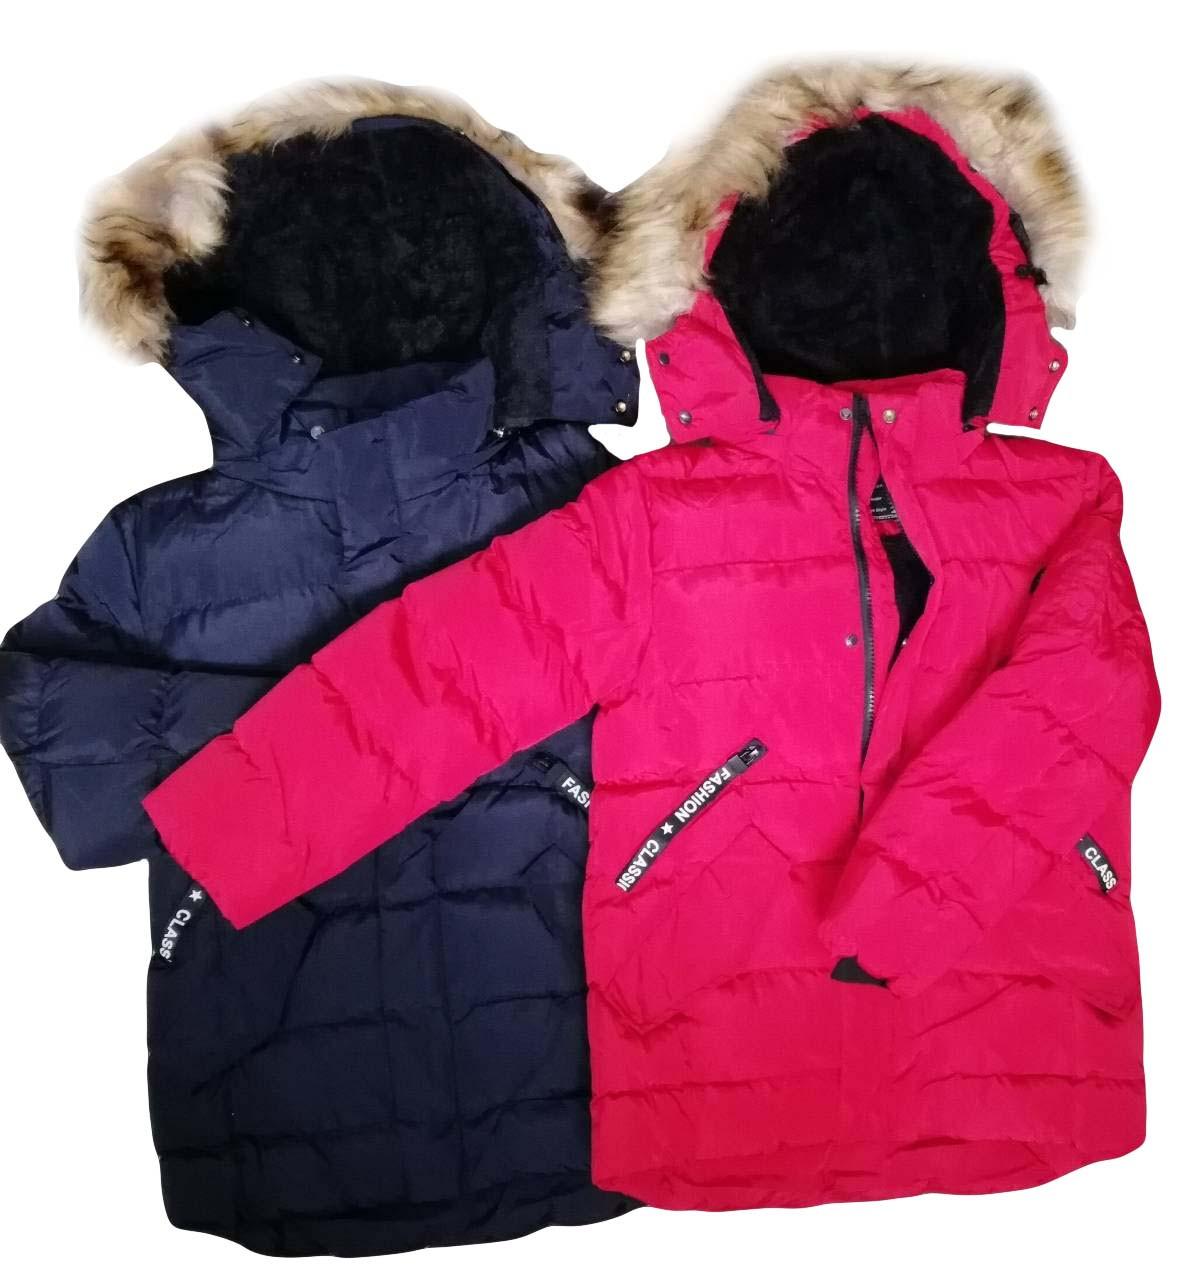 Куртки  на меху для мальчиков оптом размеры 8-18 лет, S&D арт. KF 116